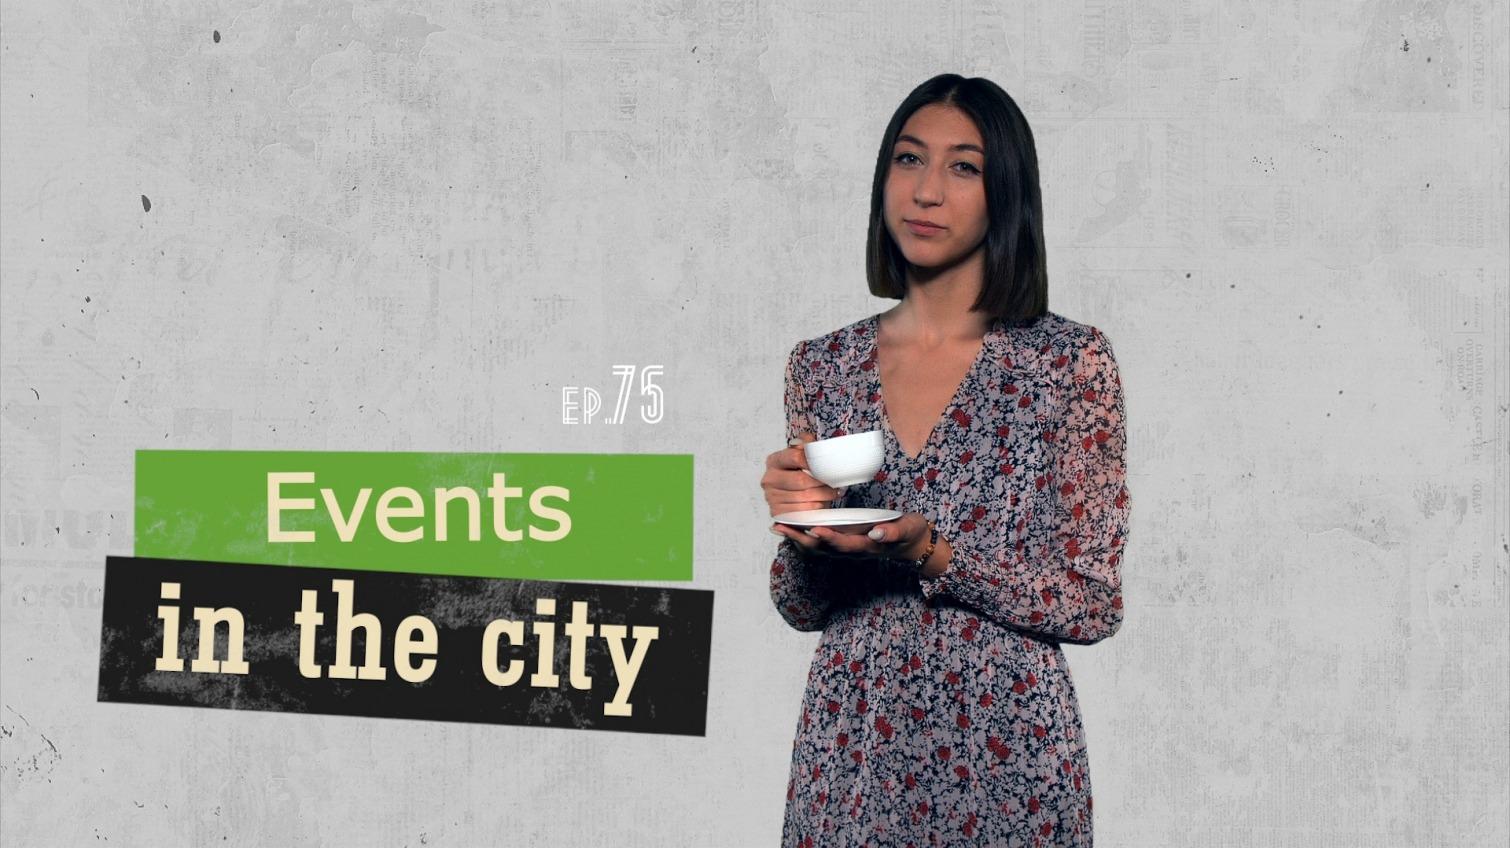 Ивенты: выставка и перформанс в одесском музее, творческий вечер и планы (видео) «фото»